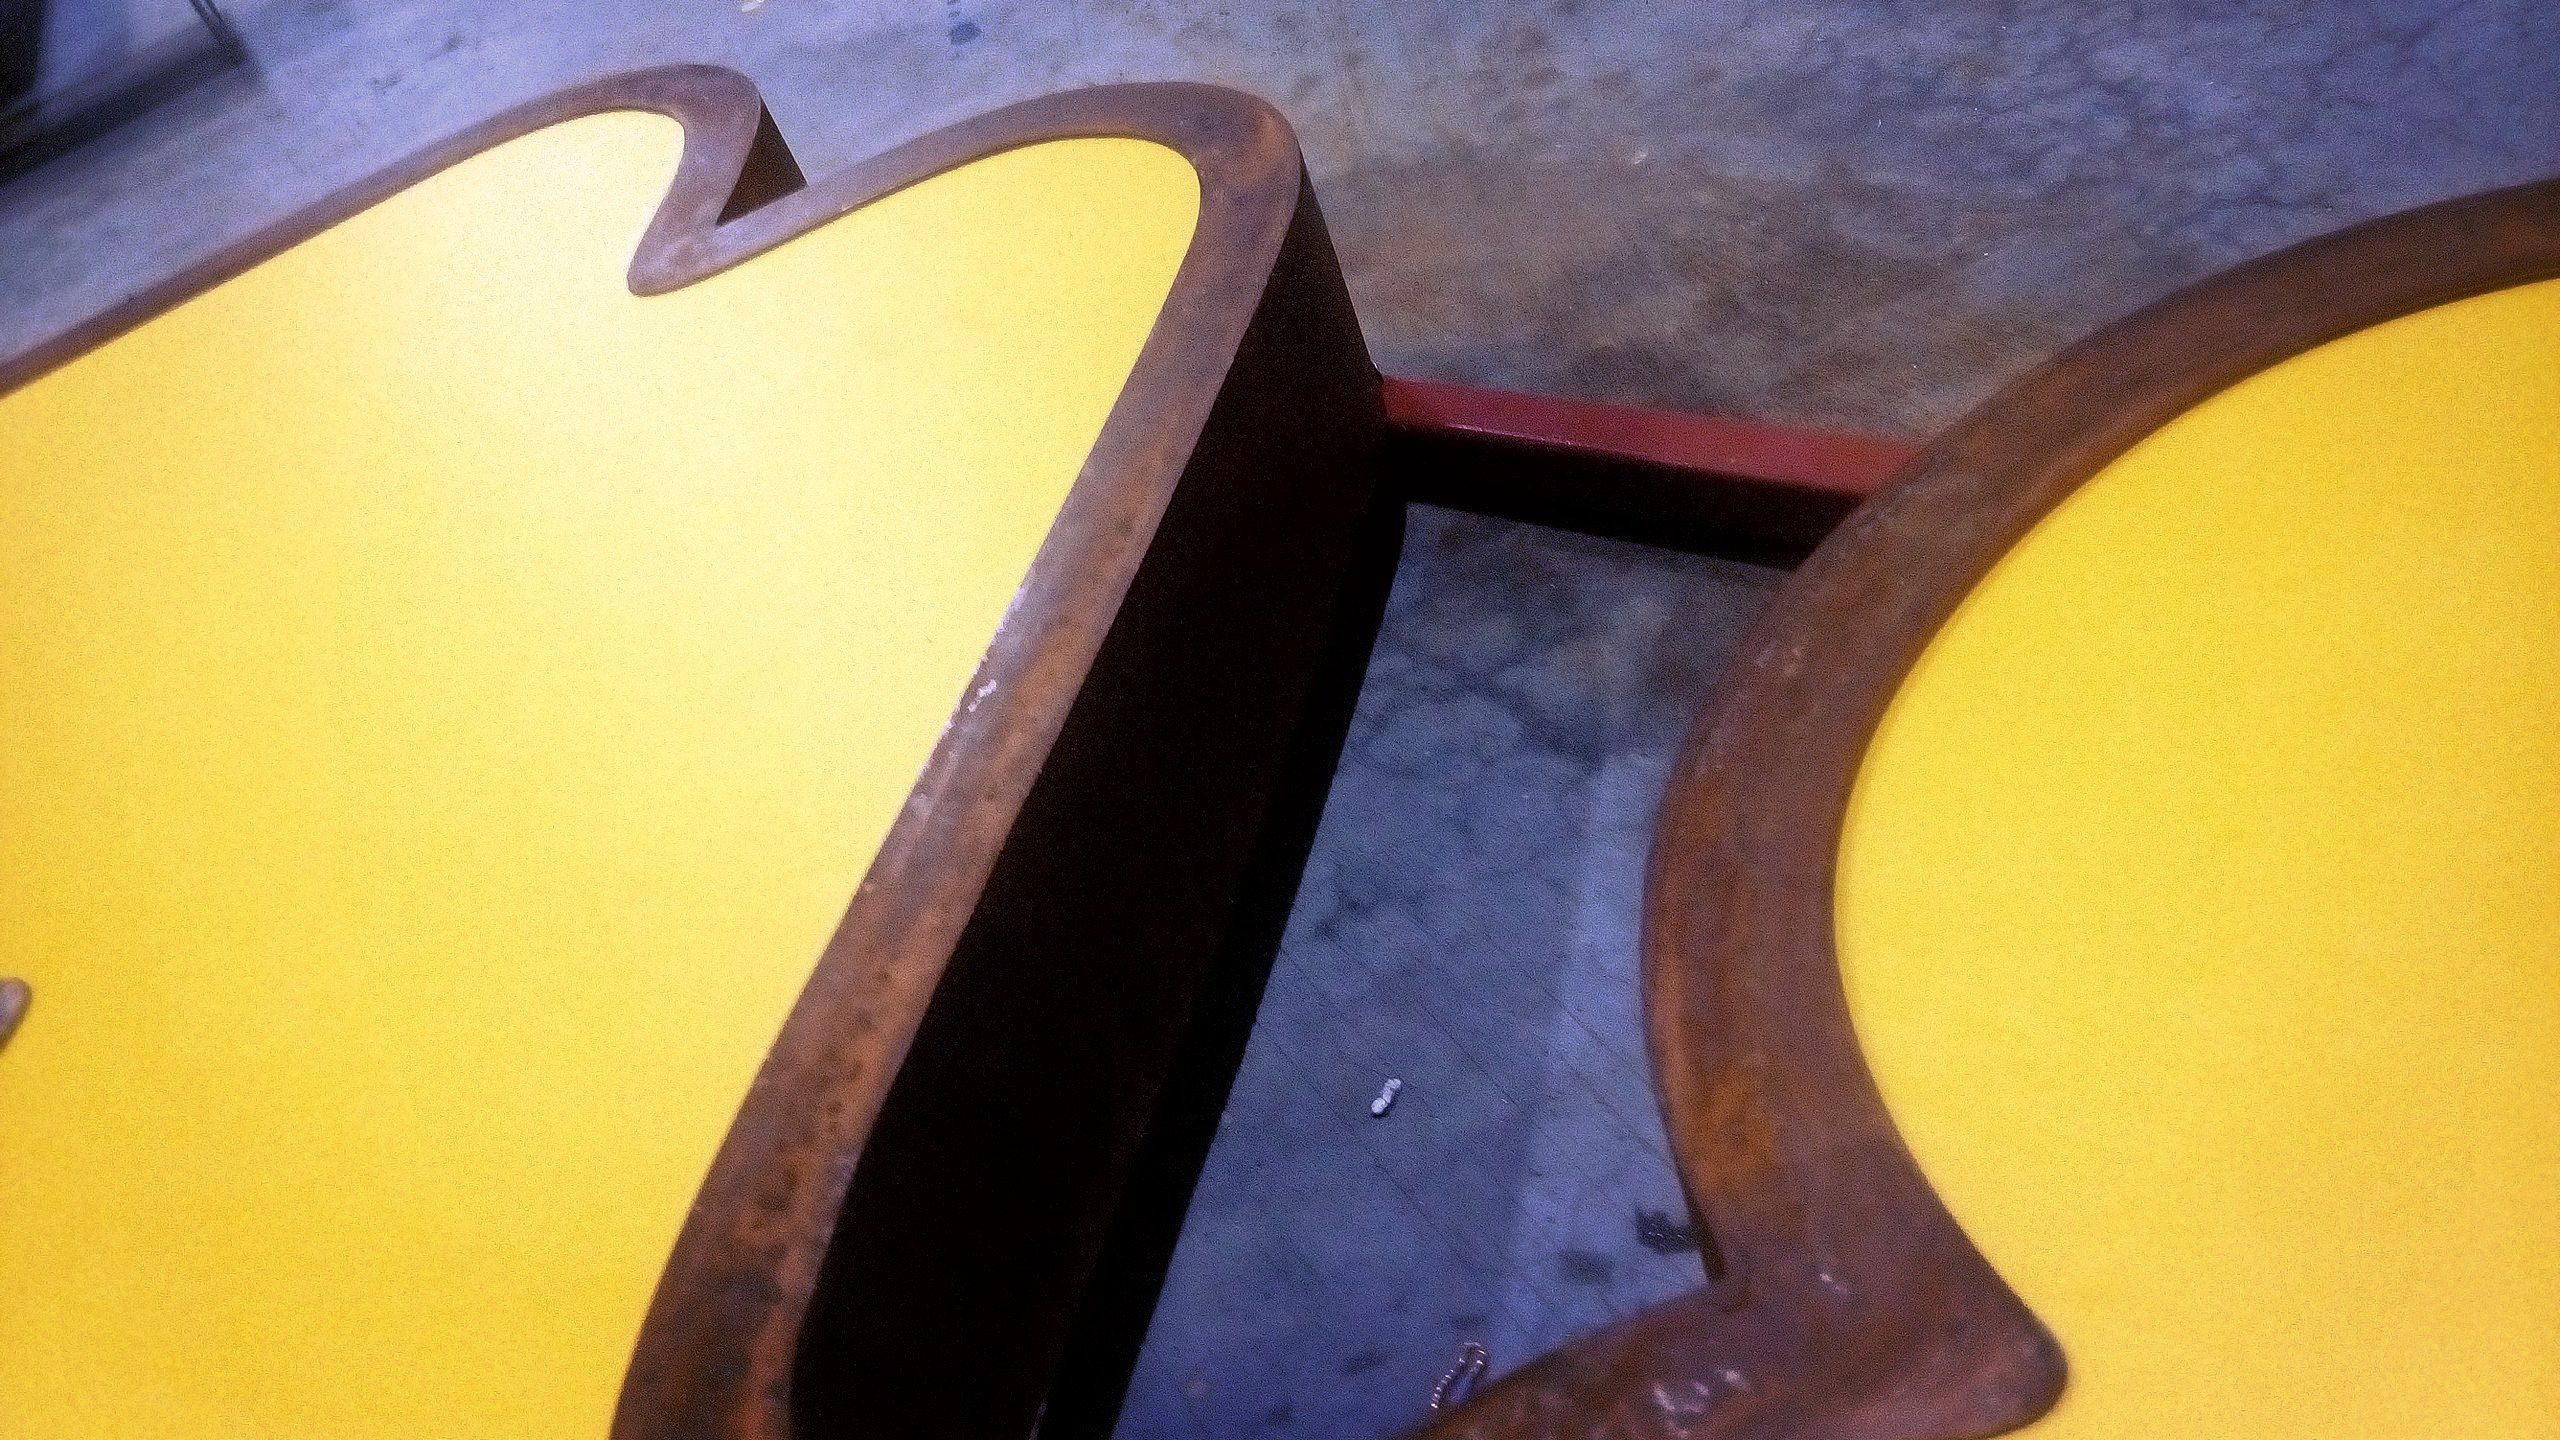 Фабрика игрушек «МЯКИШИ» #Брендирование фасада #Наружные вывески #Объемные буквы #Таблички #МЯКИШИ #Дизайн #Изготовление #Монтаж